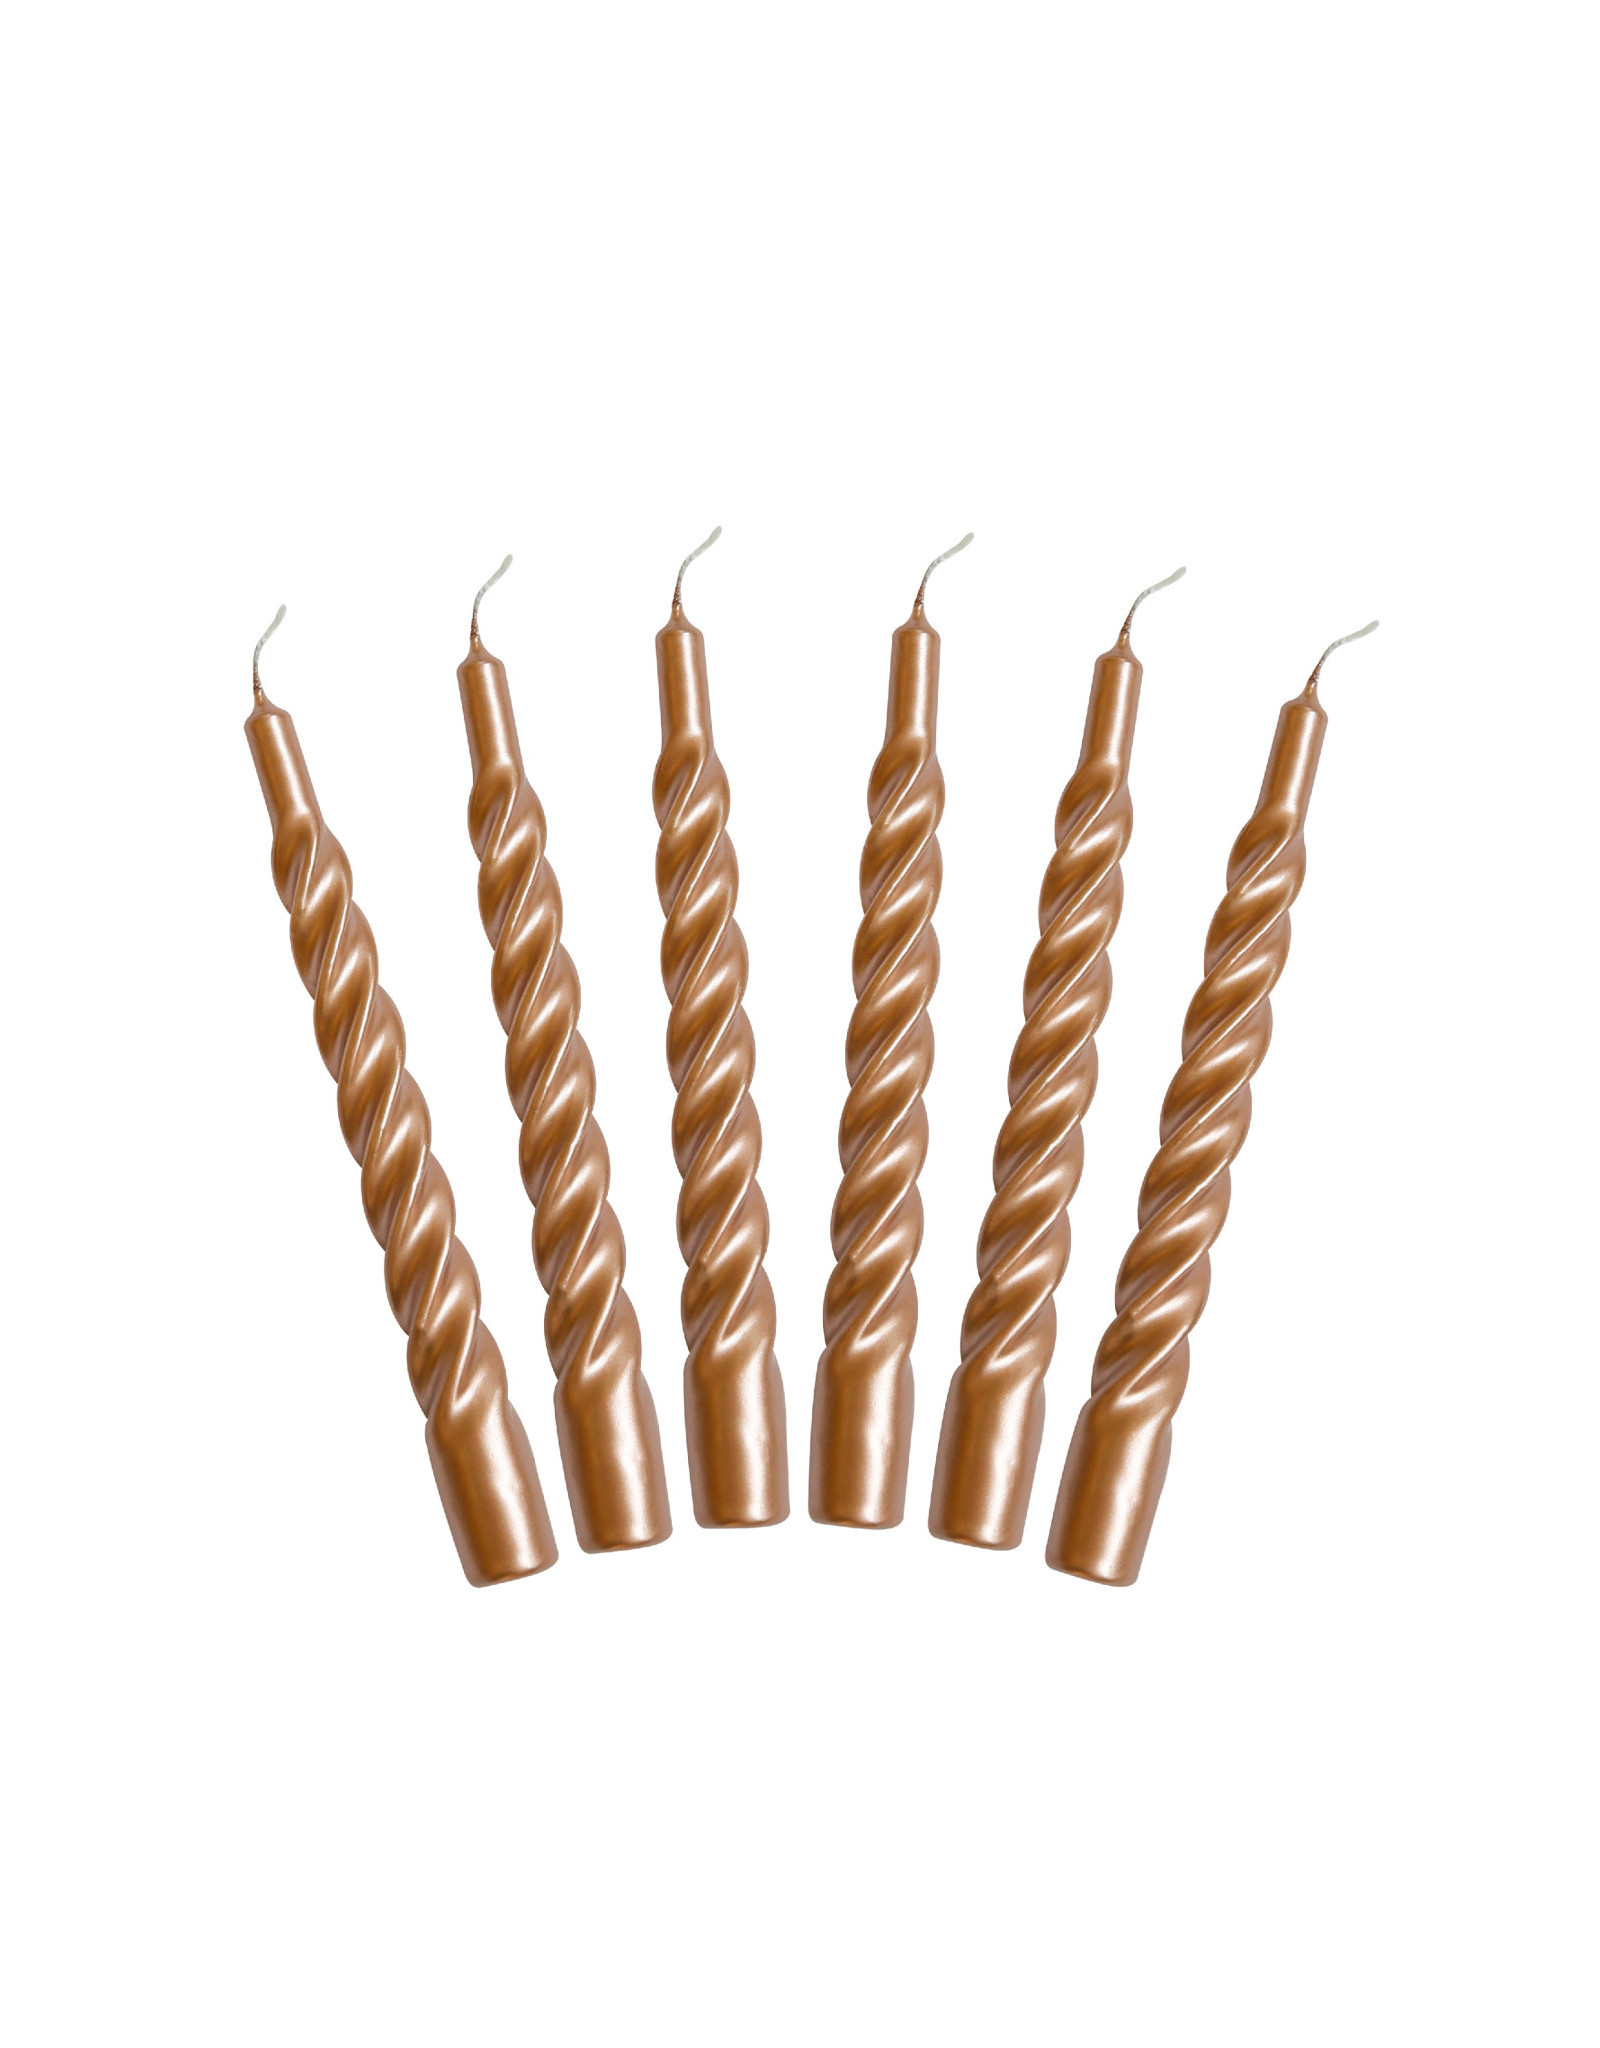 Kunst industrien Kaars met een twist - Rose gold - 2st - Ø 2,2 x H 21cm